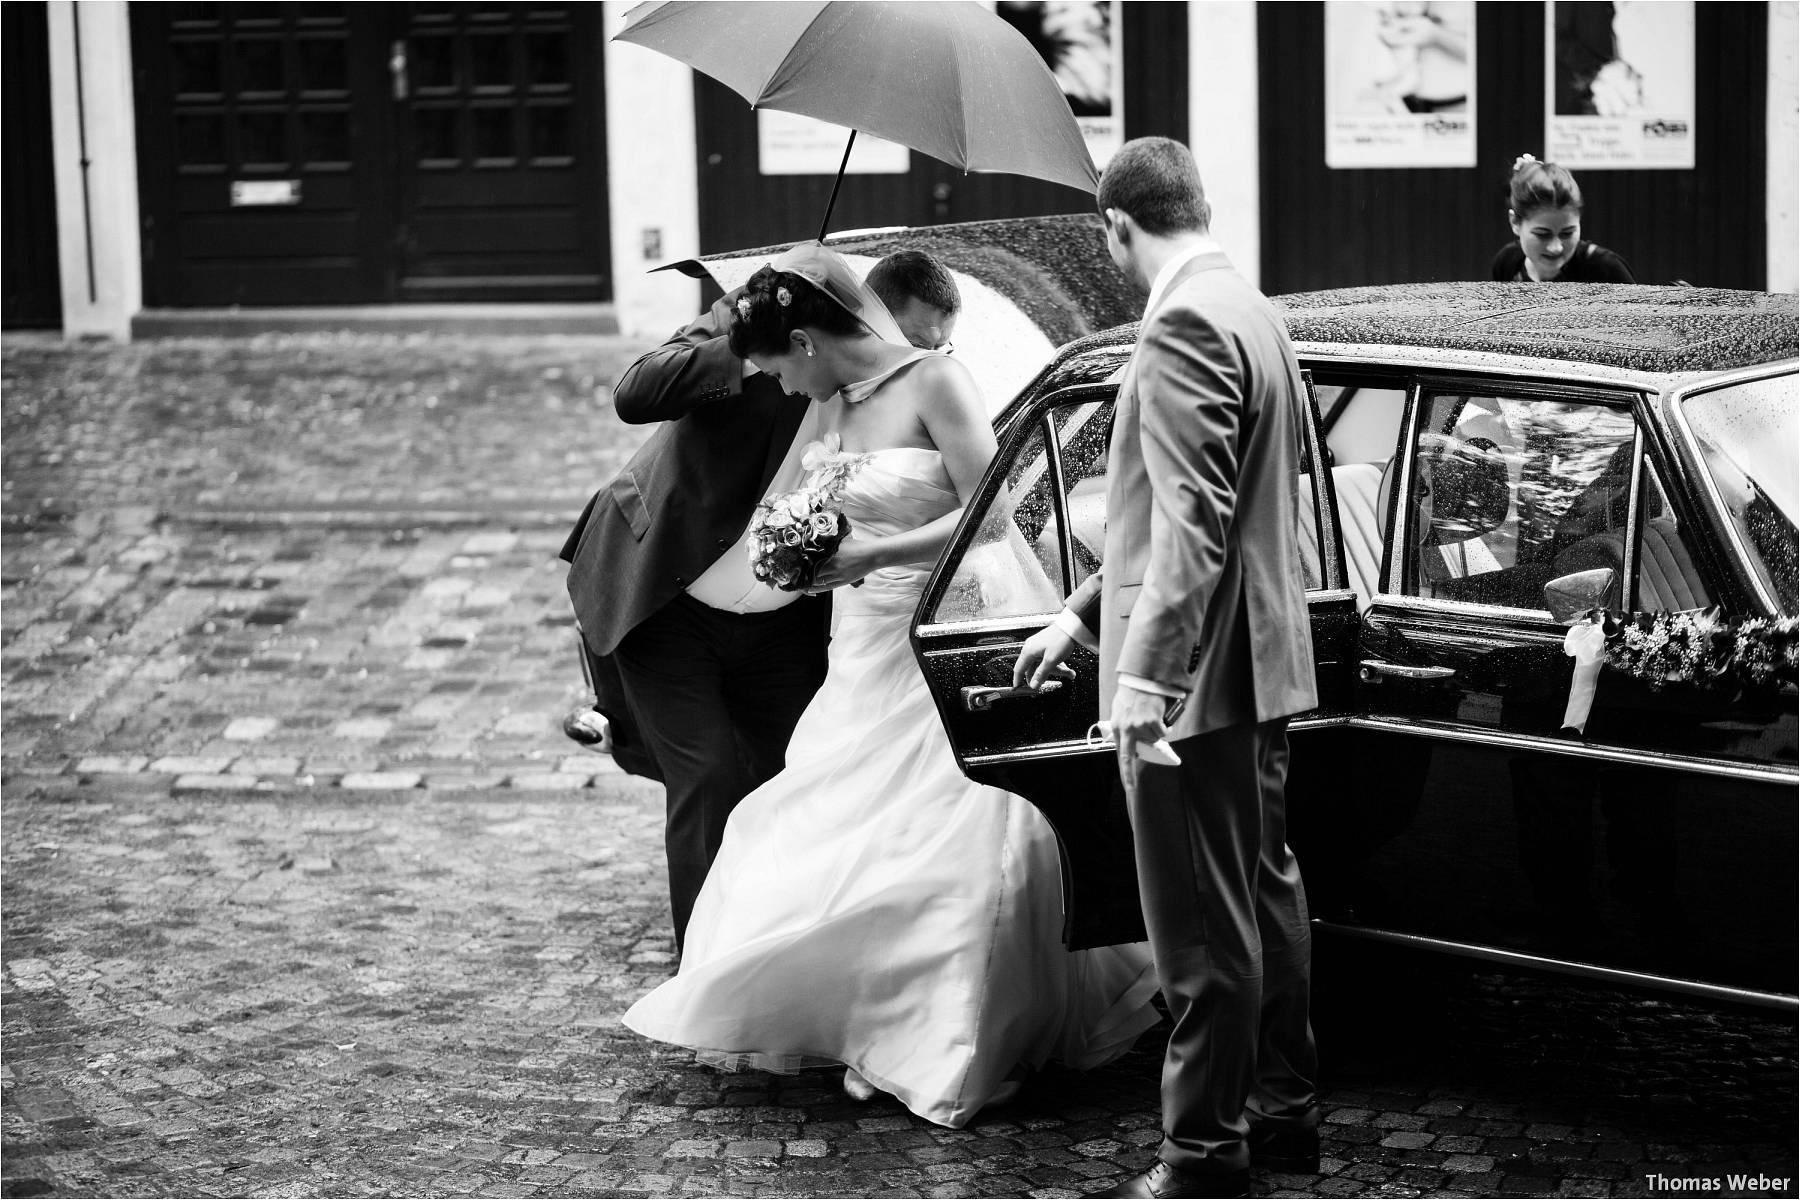 Hochzeitsfotograf Bremen: Kirchliche Trauung in der Propsteikirche St. Johann im Bremer Schnoor und Hochzeitsfeier bei Rogge Dünsen (3)